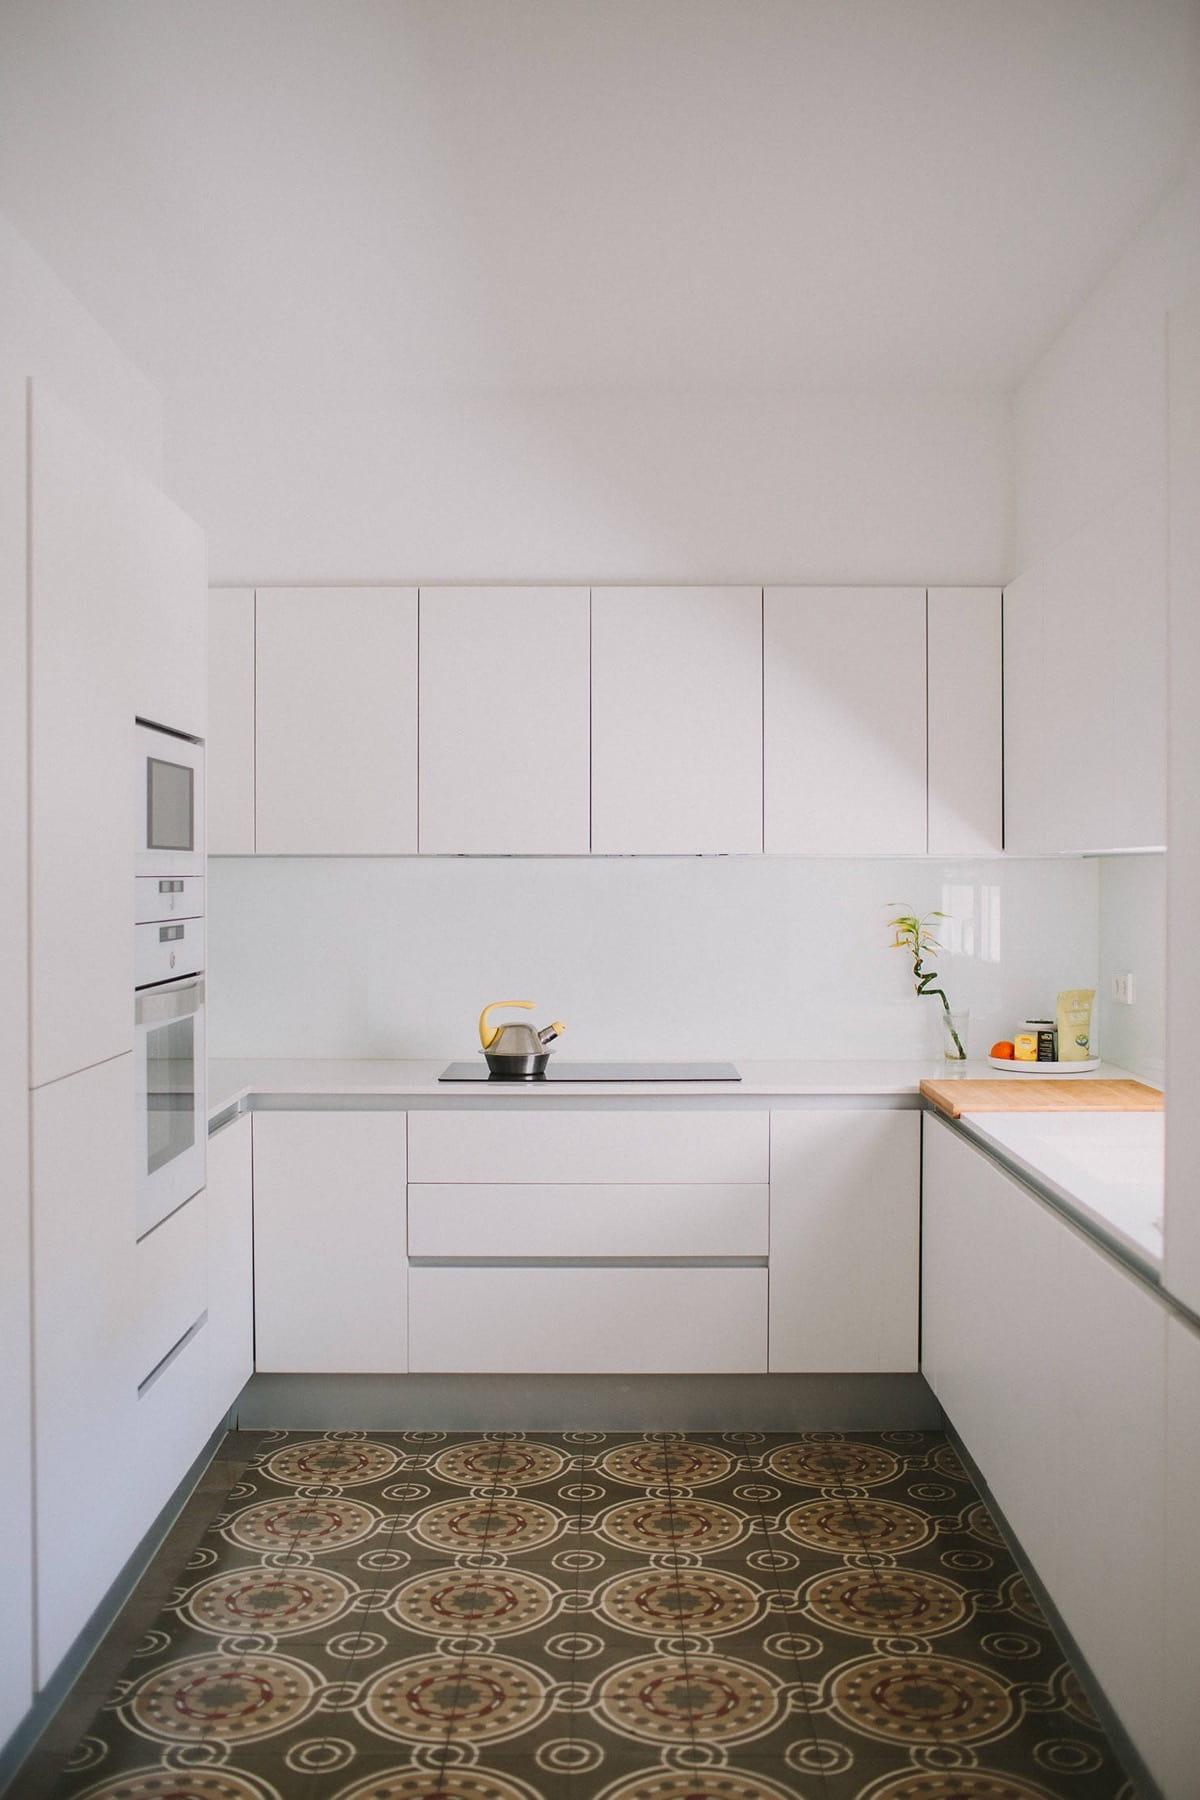 Les façades blanches sont la meilleure option pour une cuisine miniature.